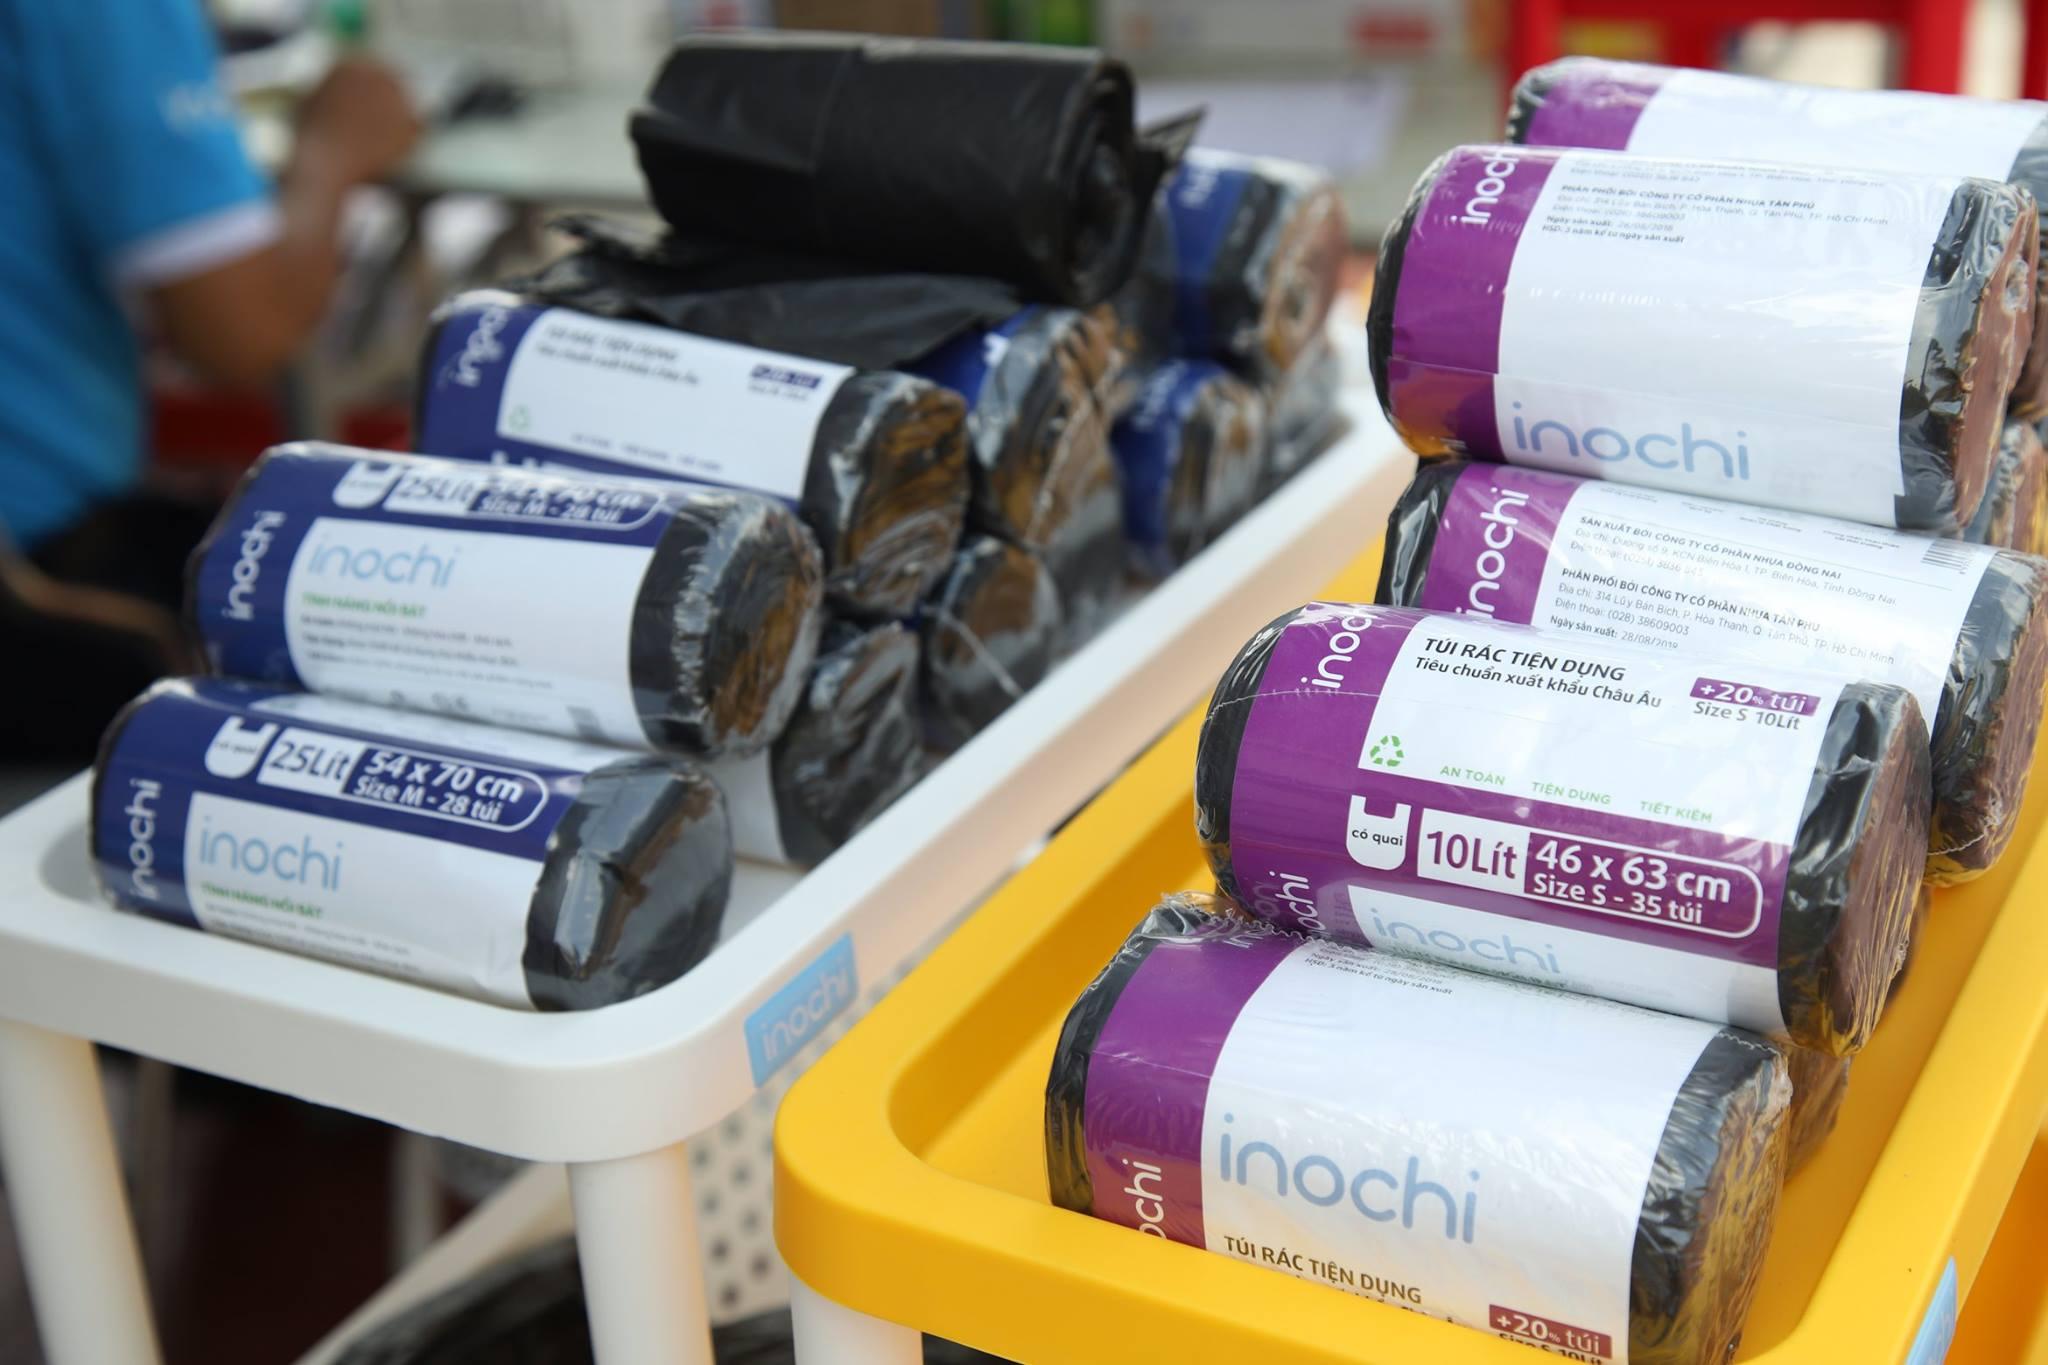 Túi Rác Tự Hủy Có Quai Tiện Dụng SOJI INOCHI Nhật Bản - Màu Đen Dạng Cuộn - Nhiều Size - Đa dạng công năng sử dụng